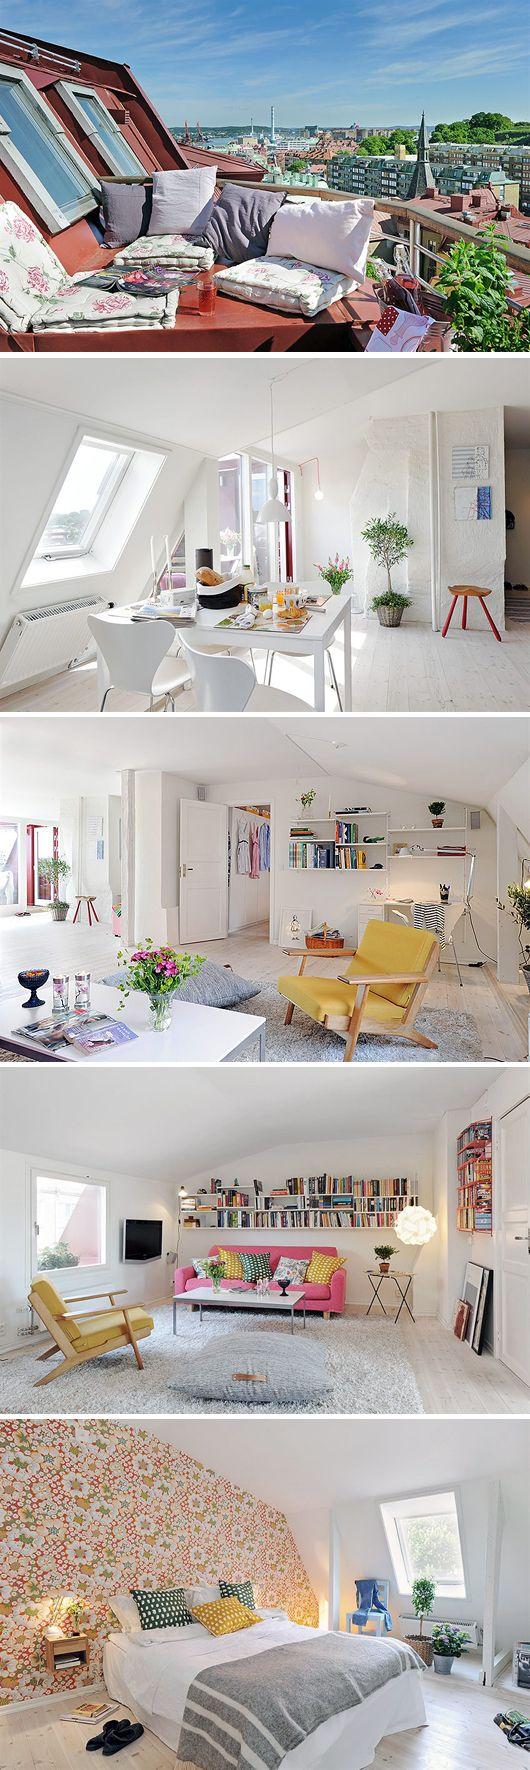 Zweeds interieur voorbeelden